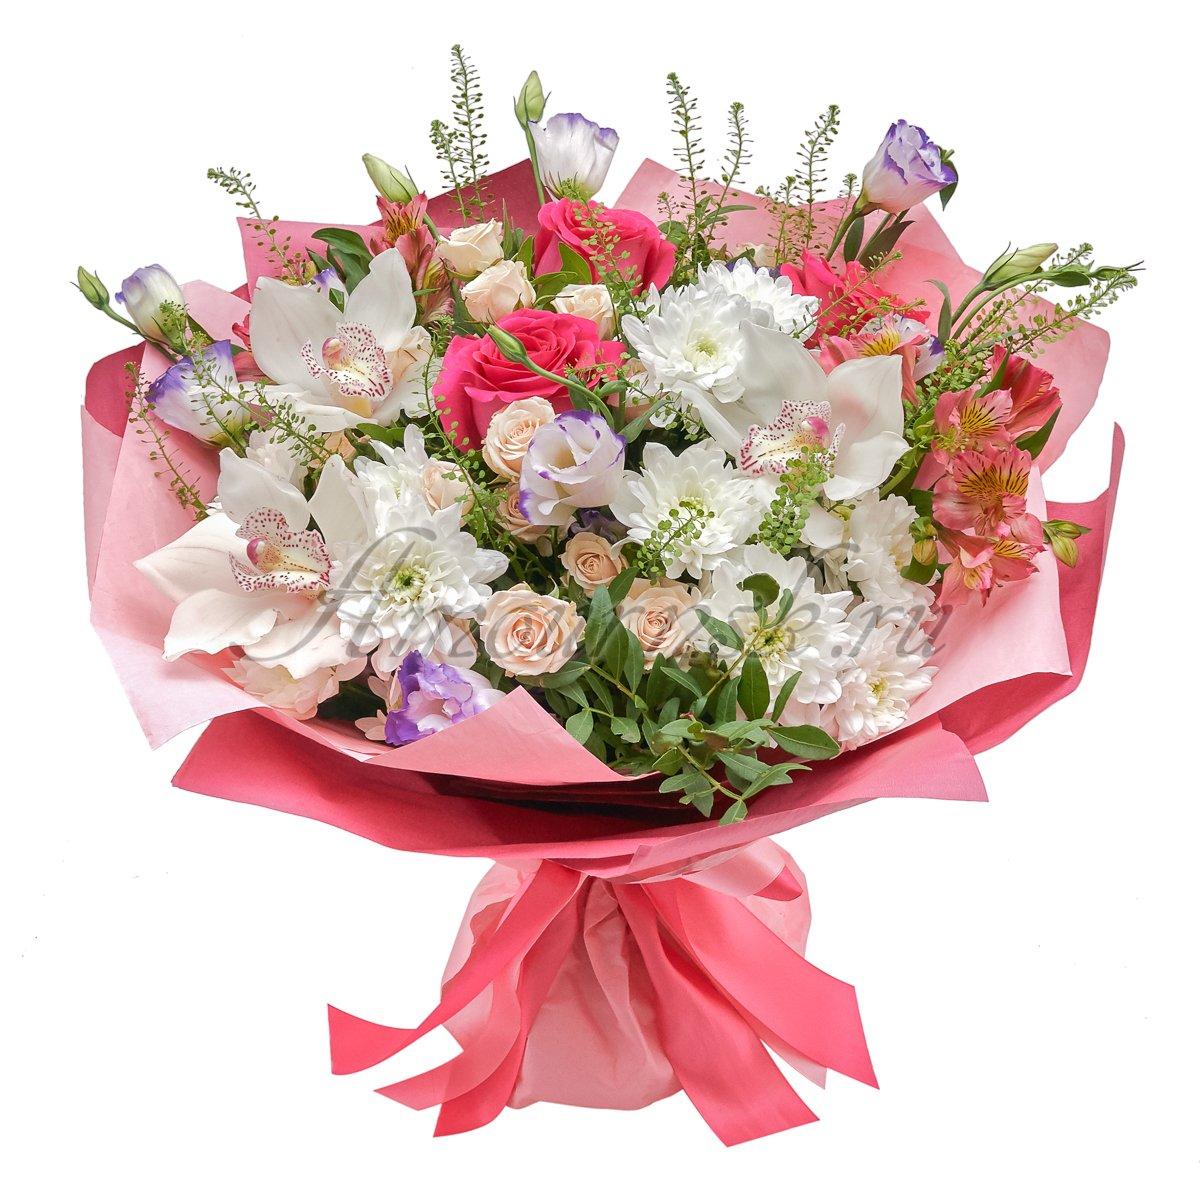 Доставка цветов играть онлайнi доставка цветов 18 ру ижевск